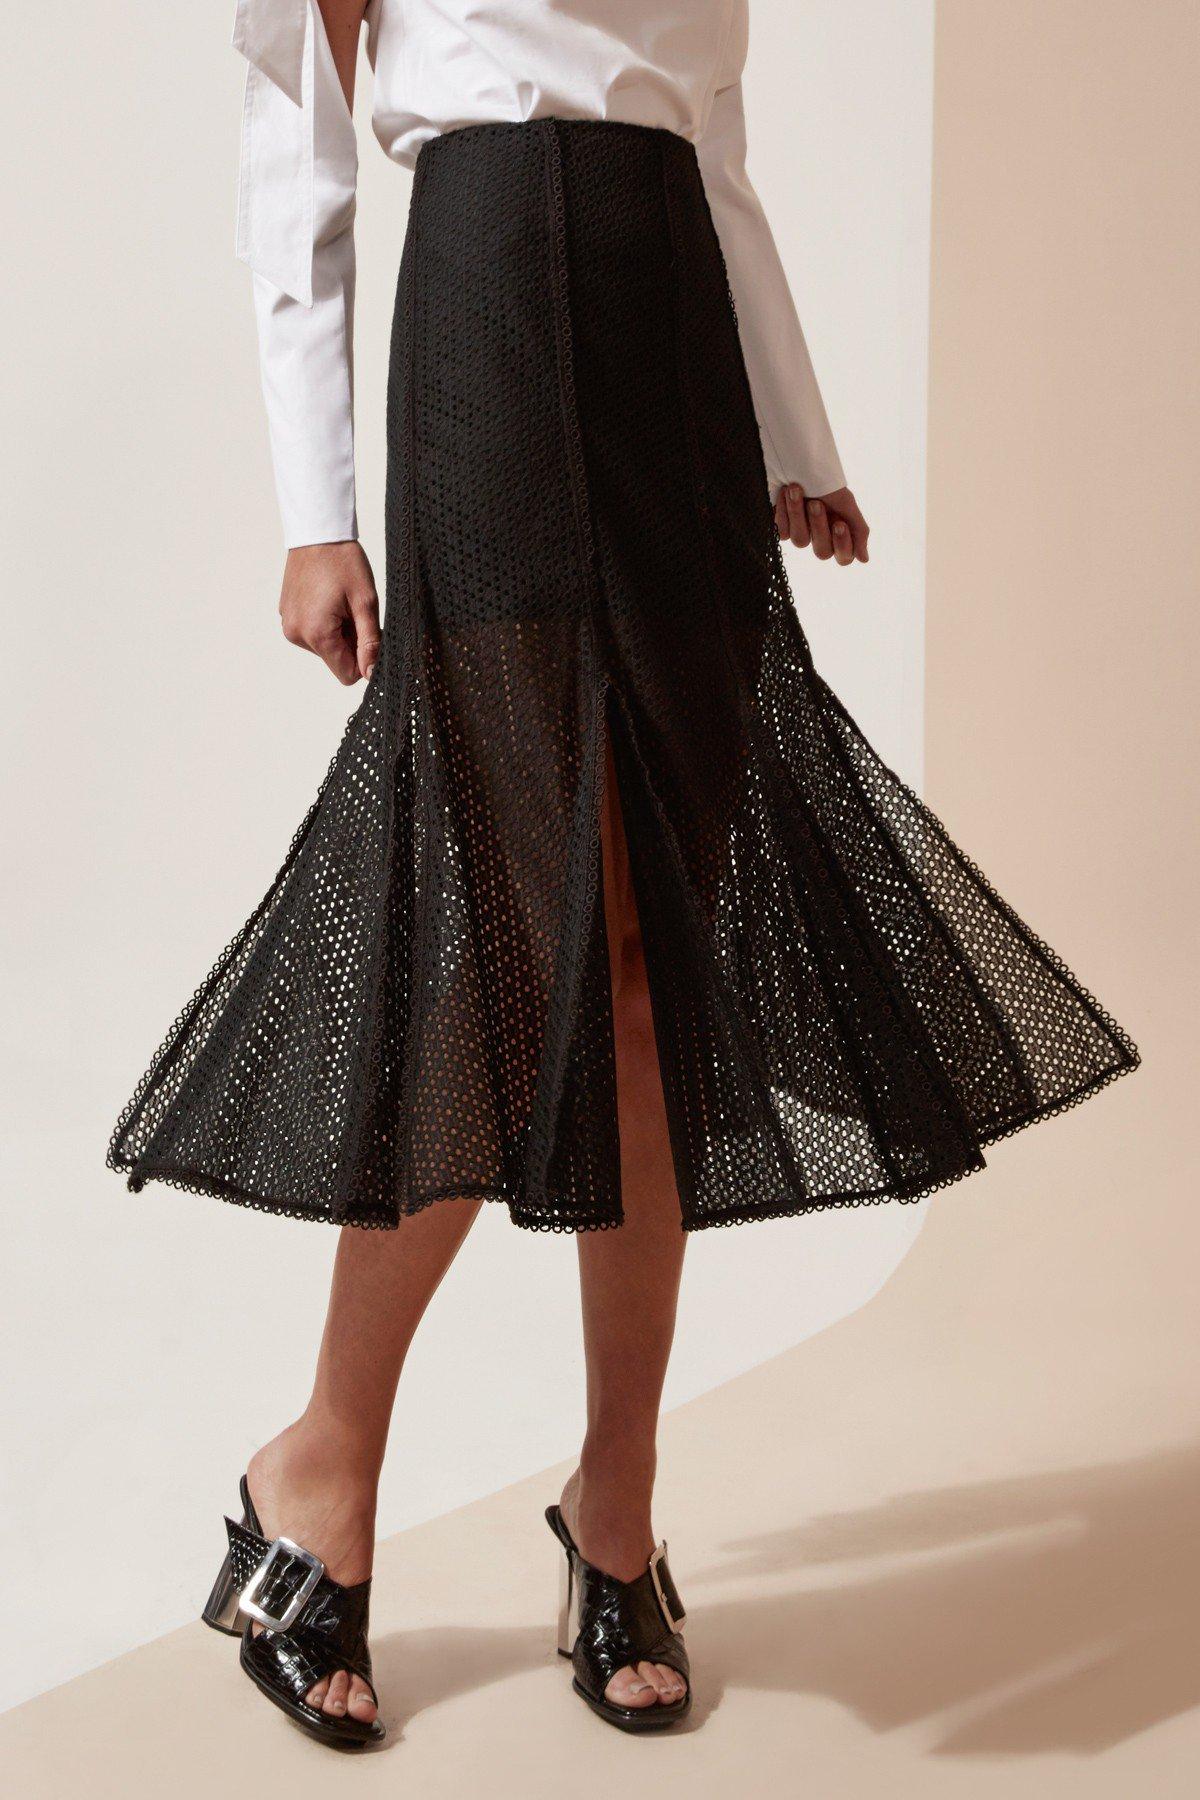 C/MEO Aspire Skirt